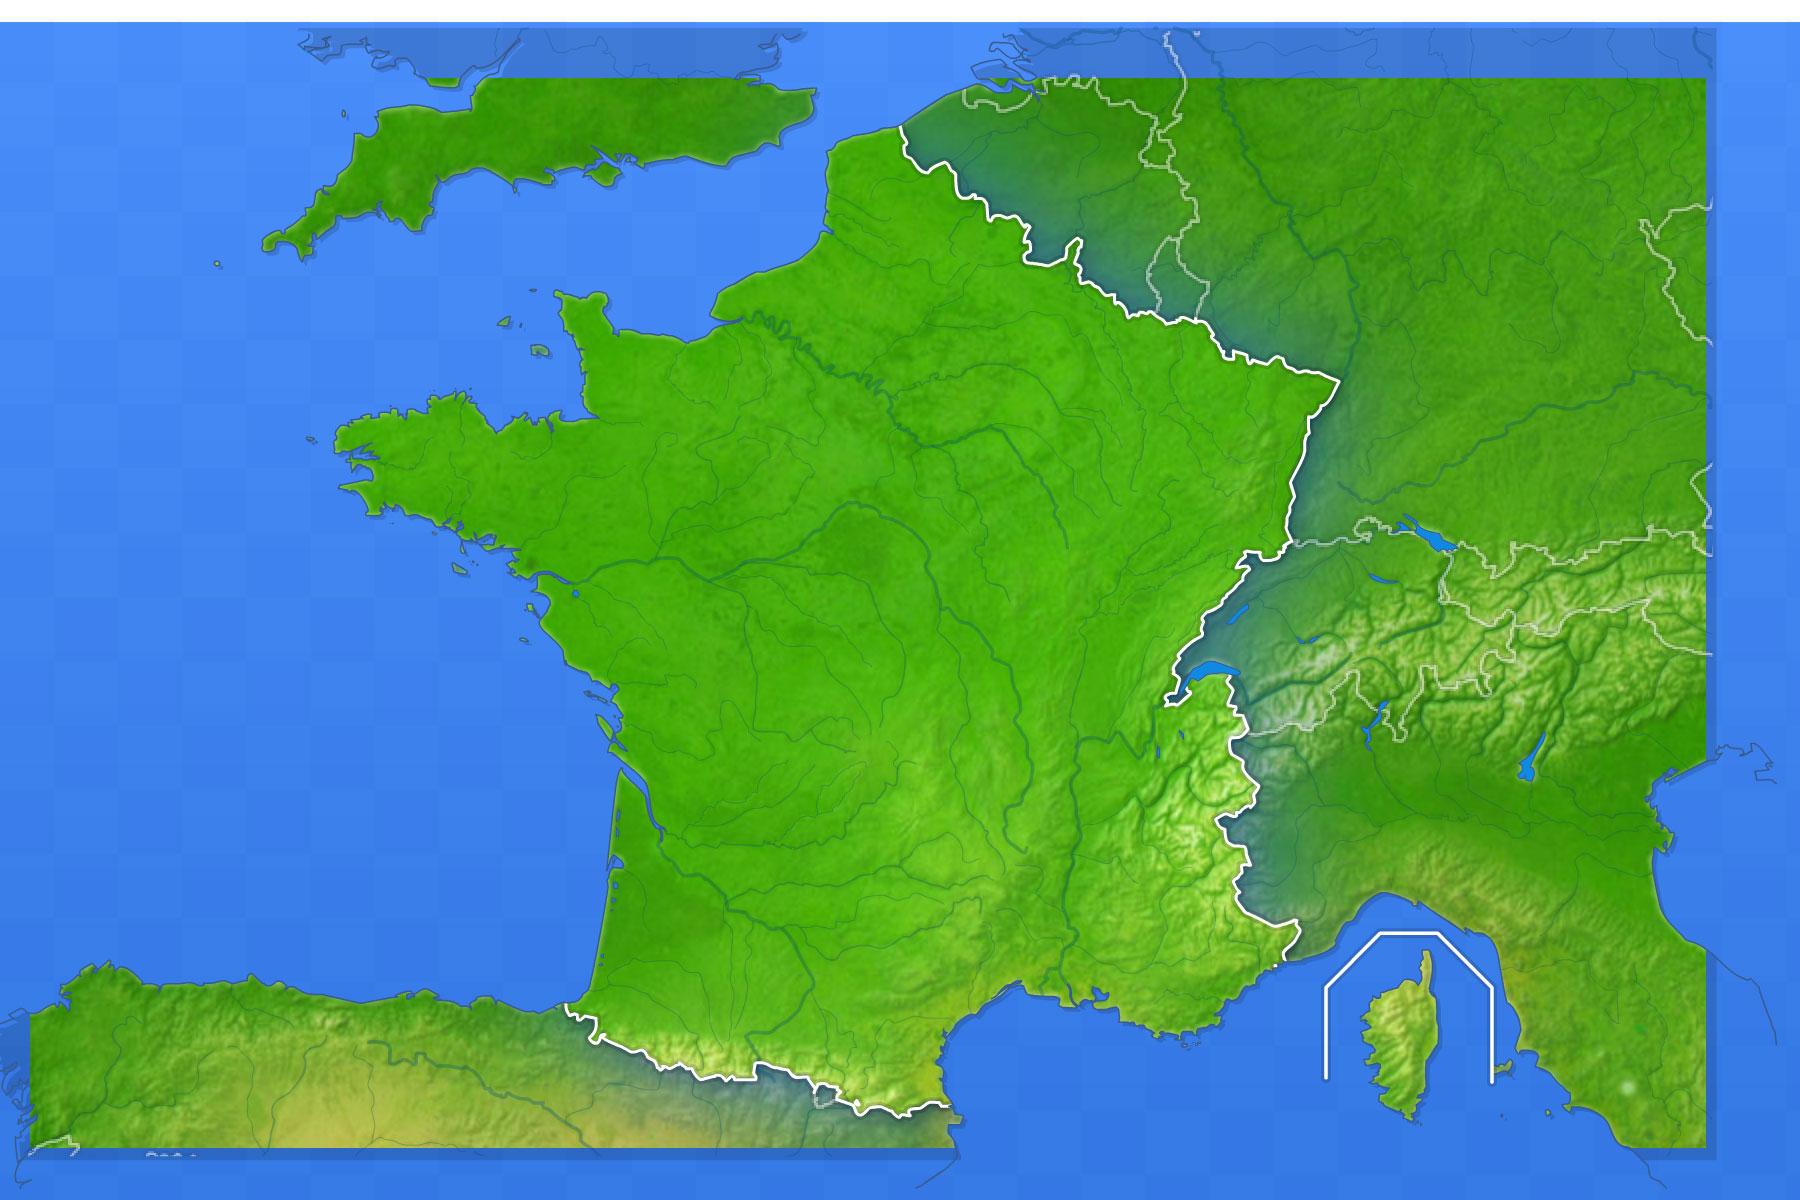 Jeux-Geographiques Jeux Gratuits Jeu Villes De France destiné Jeux Géographique